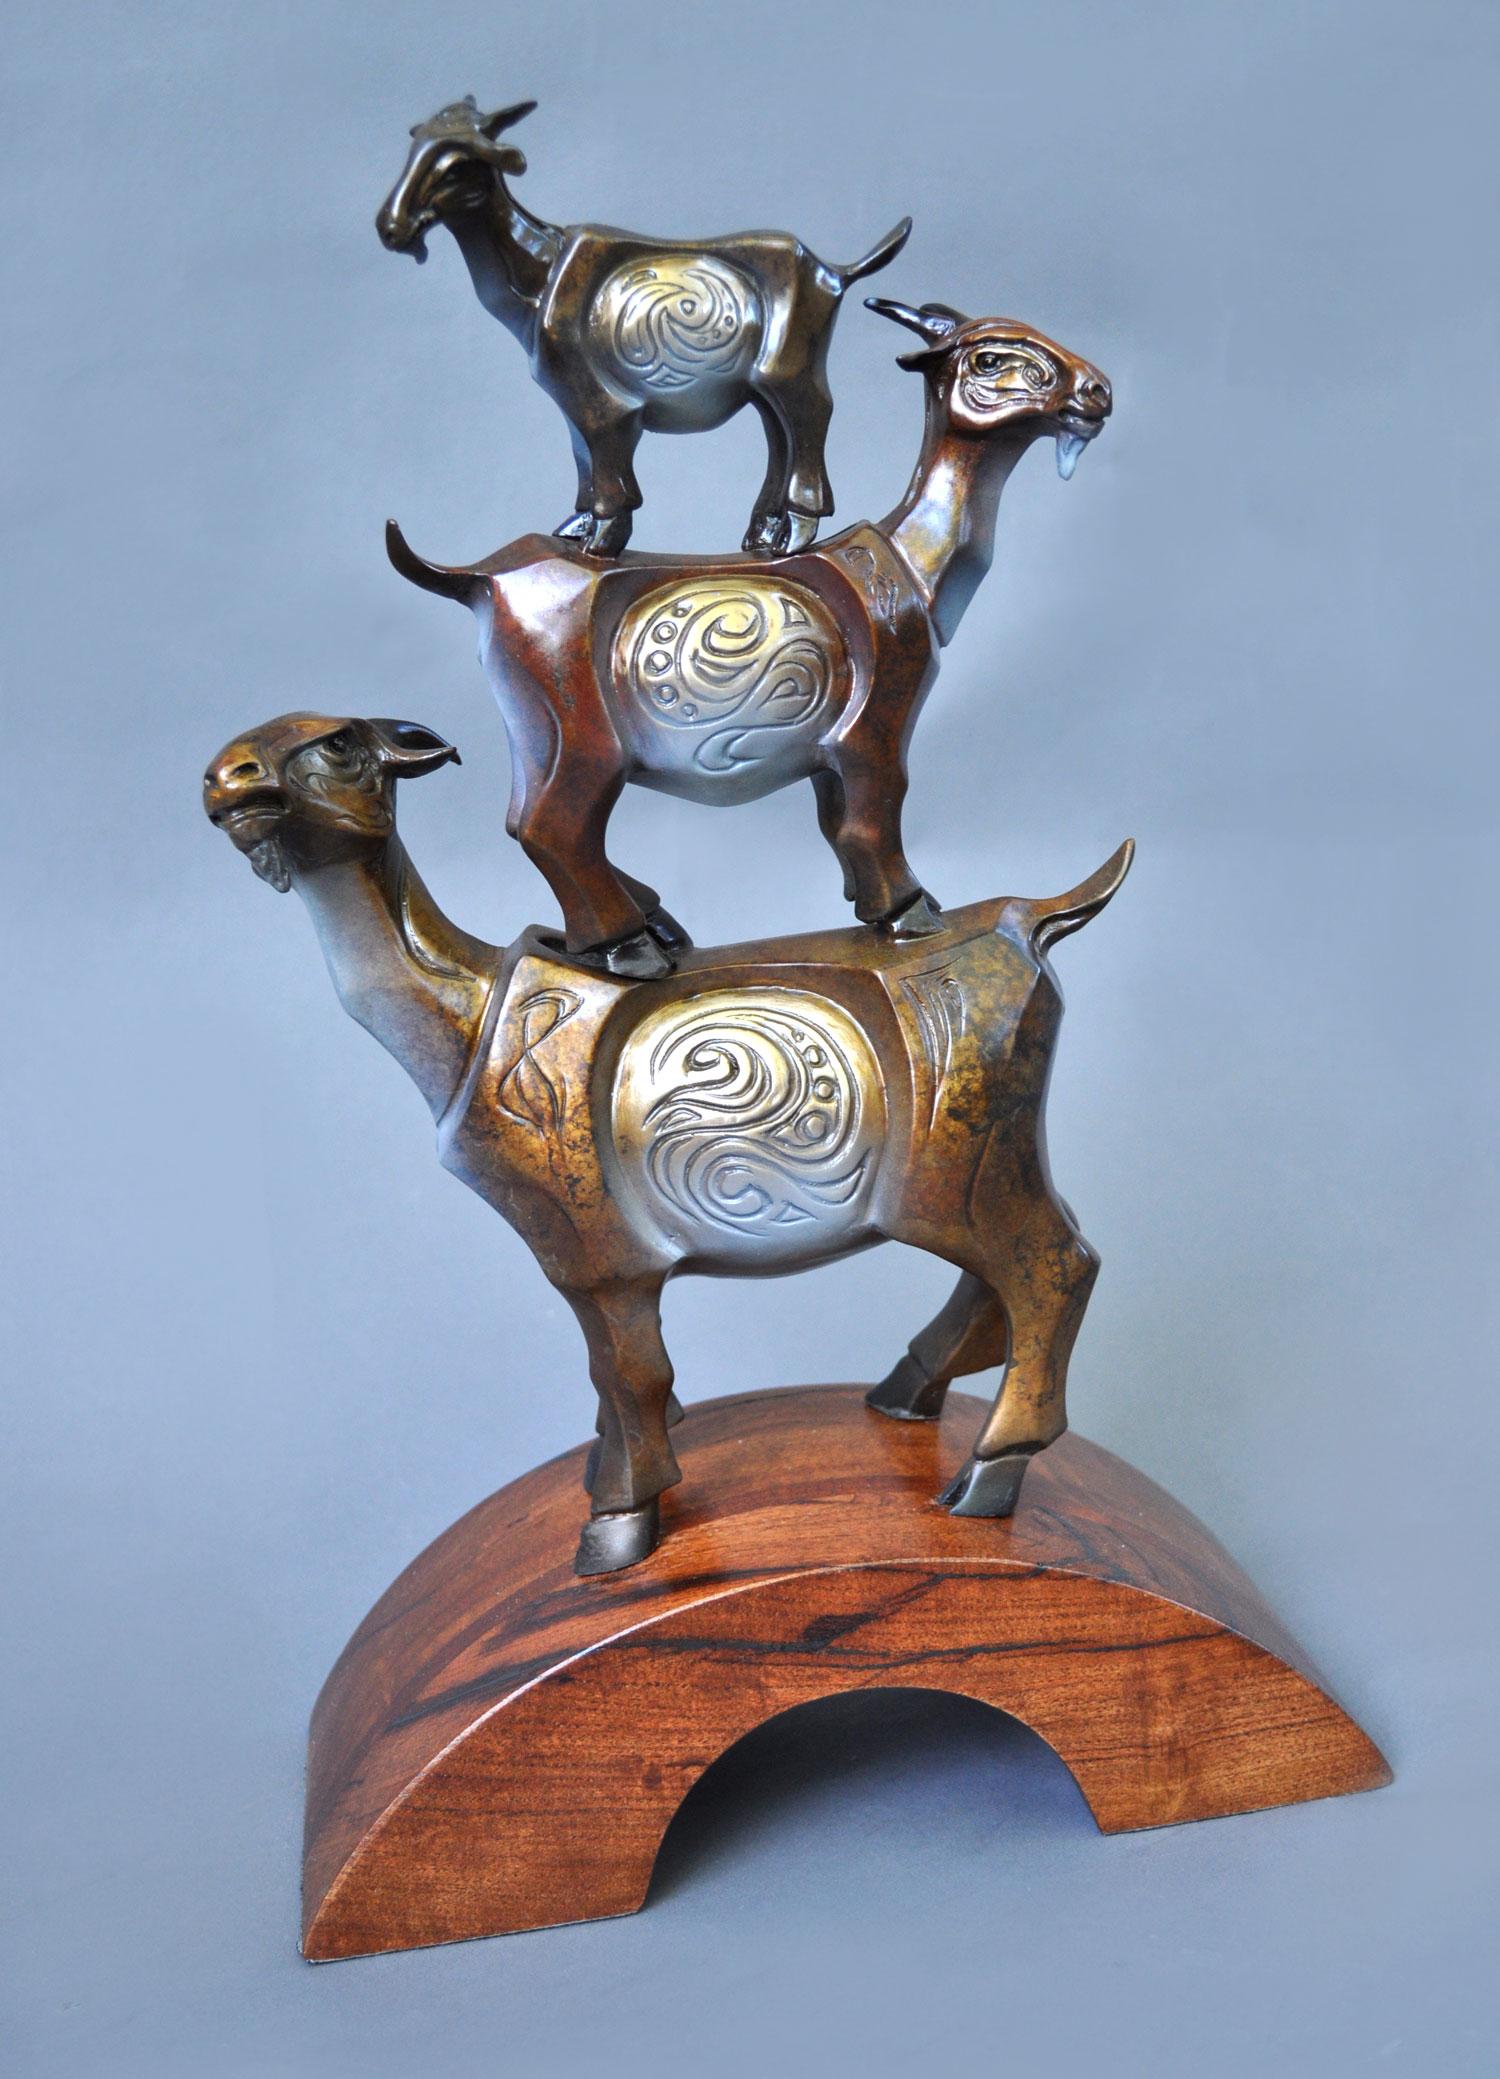 bronze-goats-sculpture-john-maisano-1.jpg